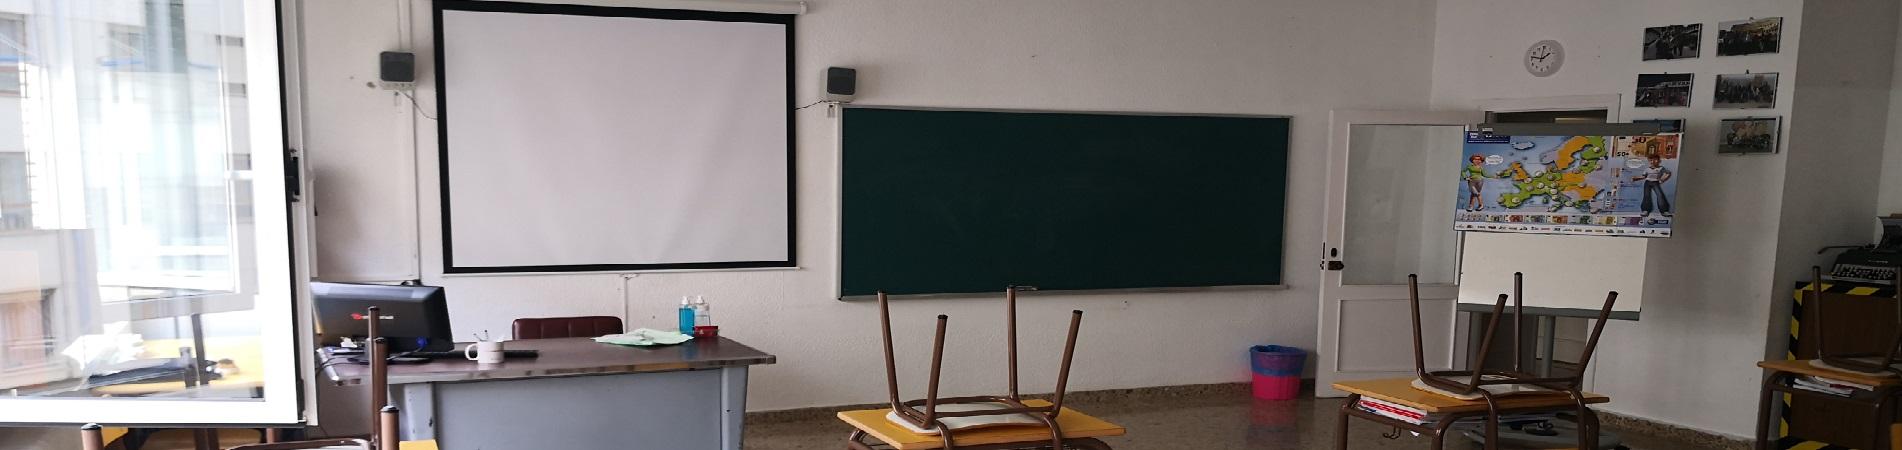 La clase nos espera 😉